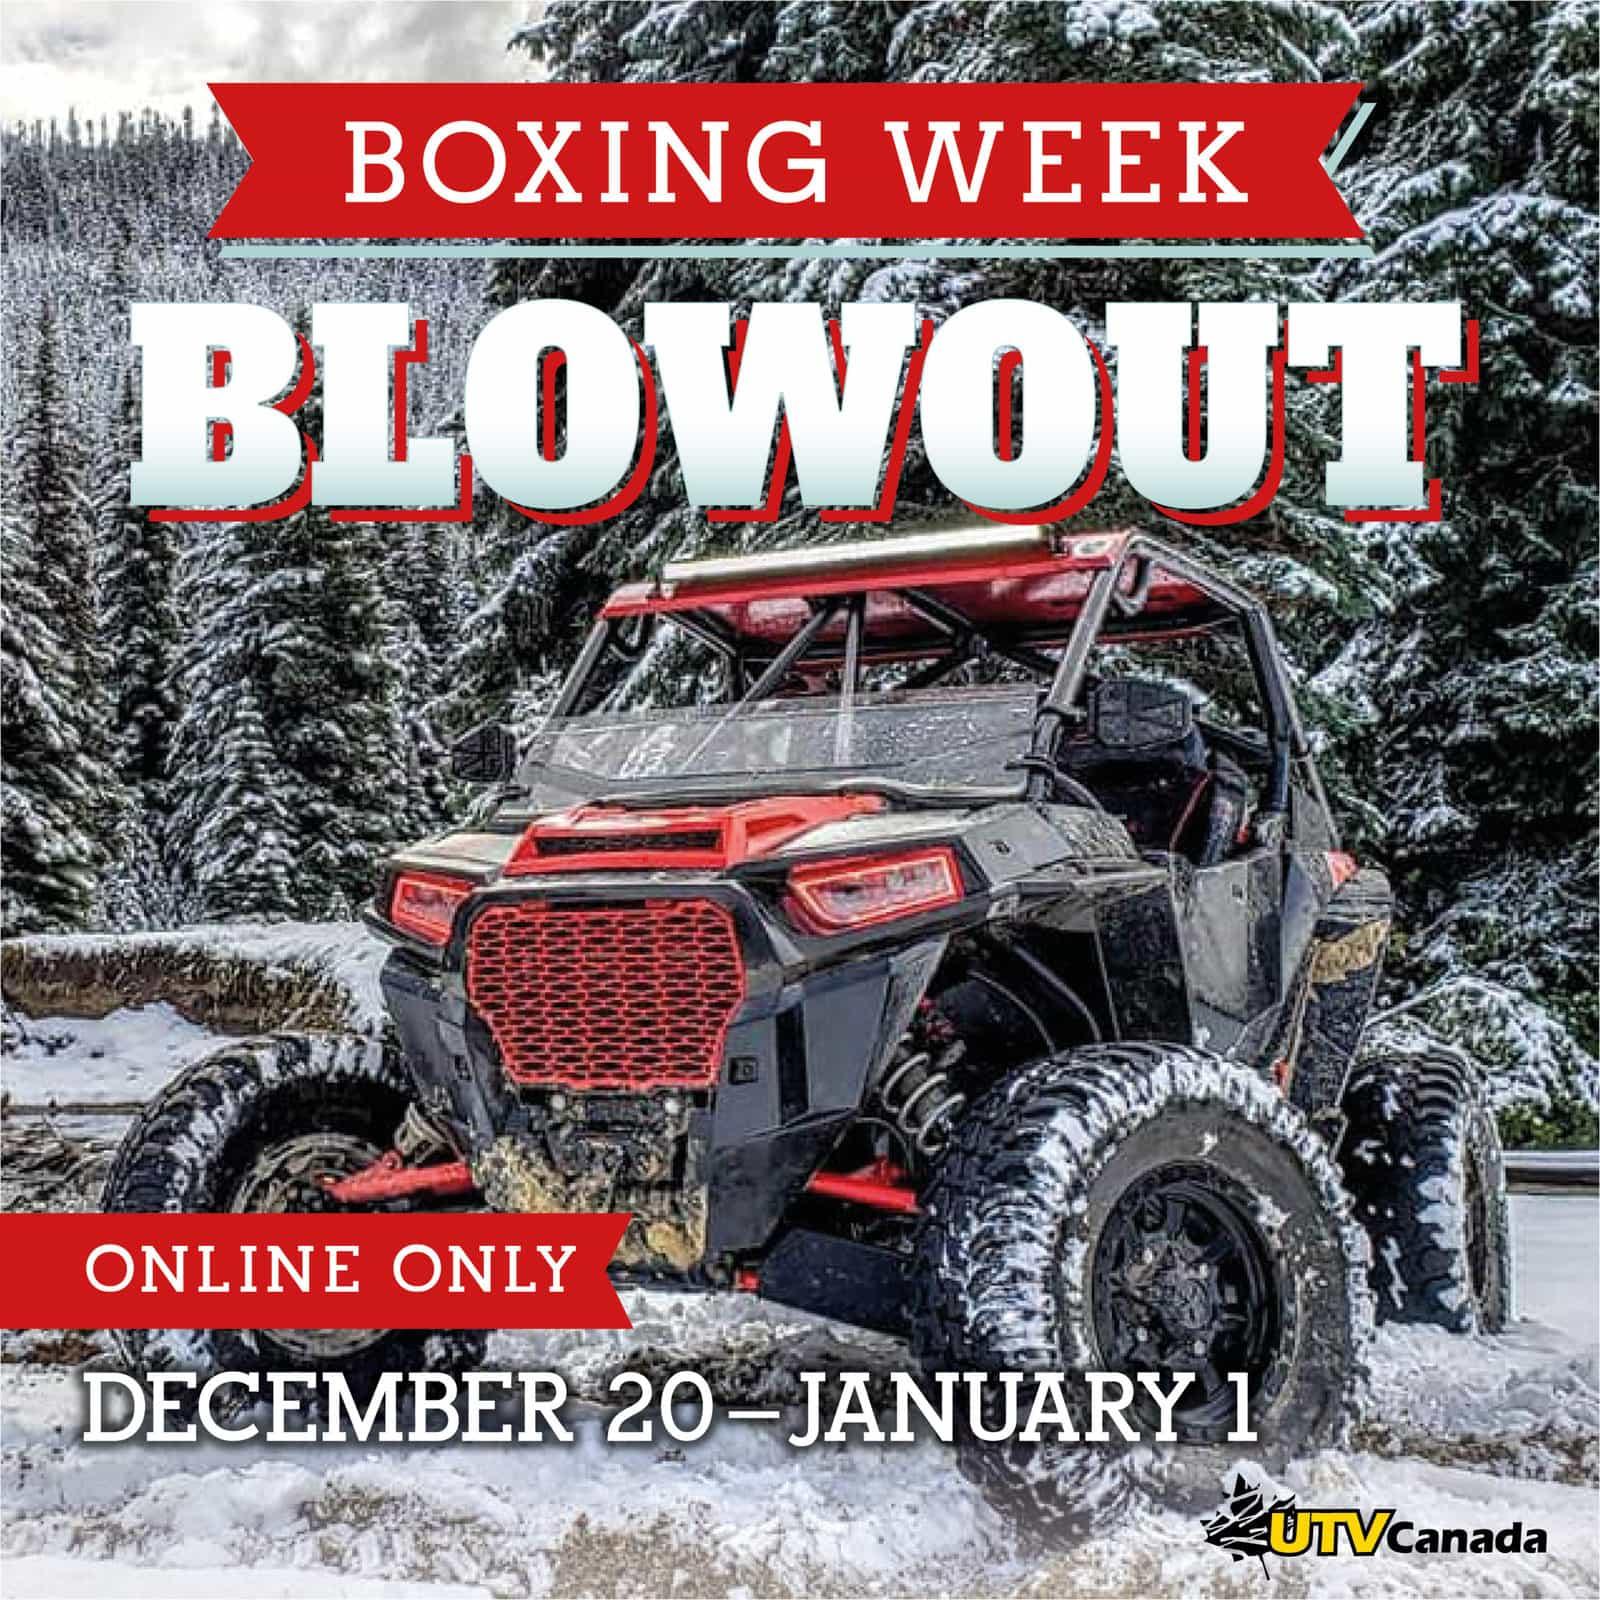 sale blowout 2019.2